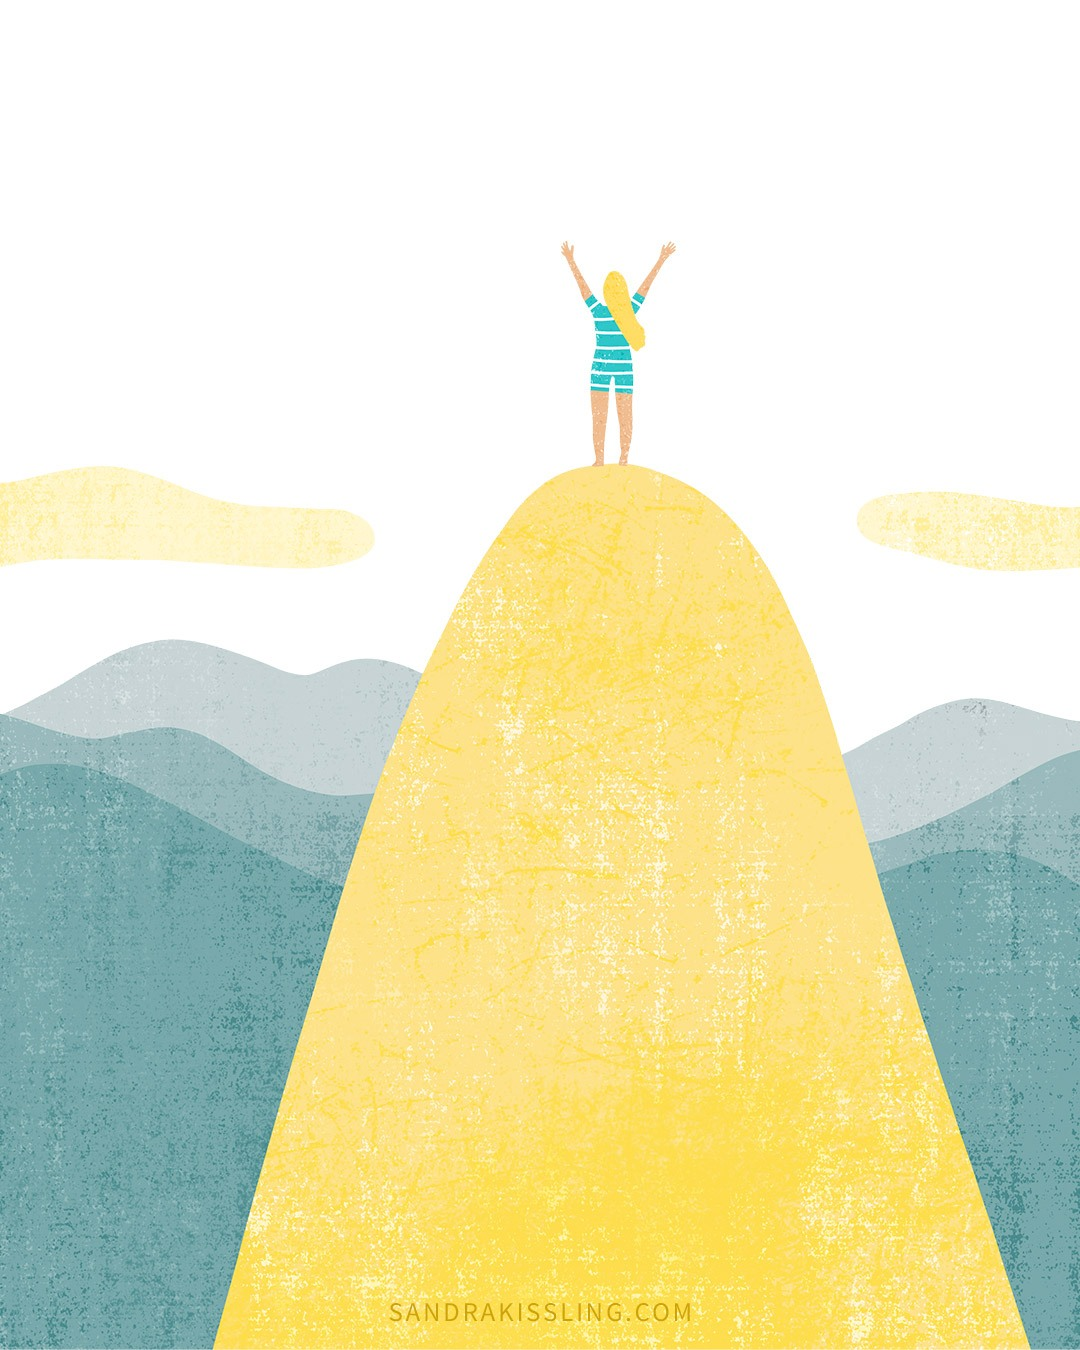 editorial-illustration-success.jpg